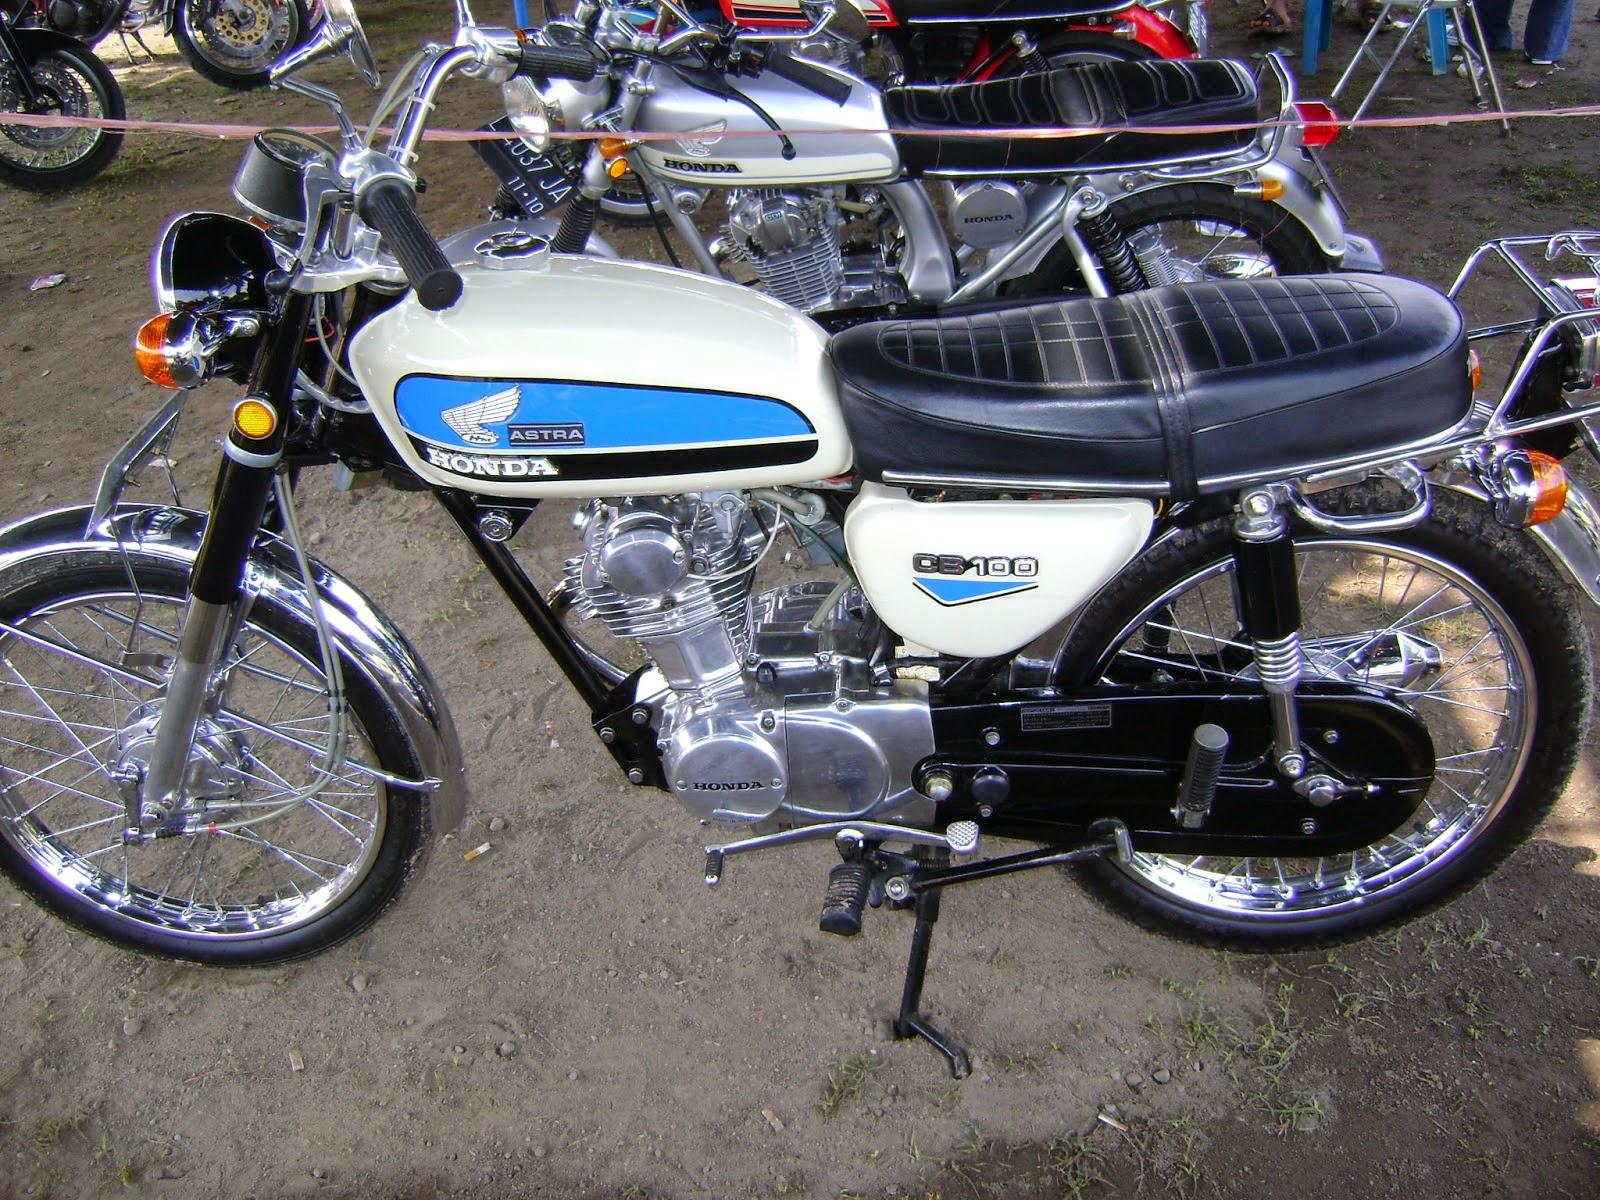 Menerima Jual Beli Motor Jadul Toko Motor Jadul Antik